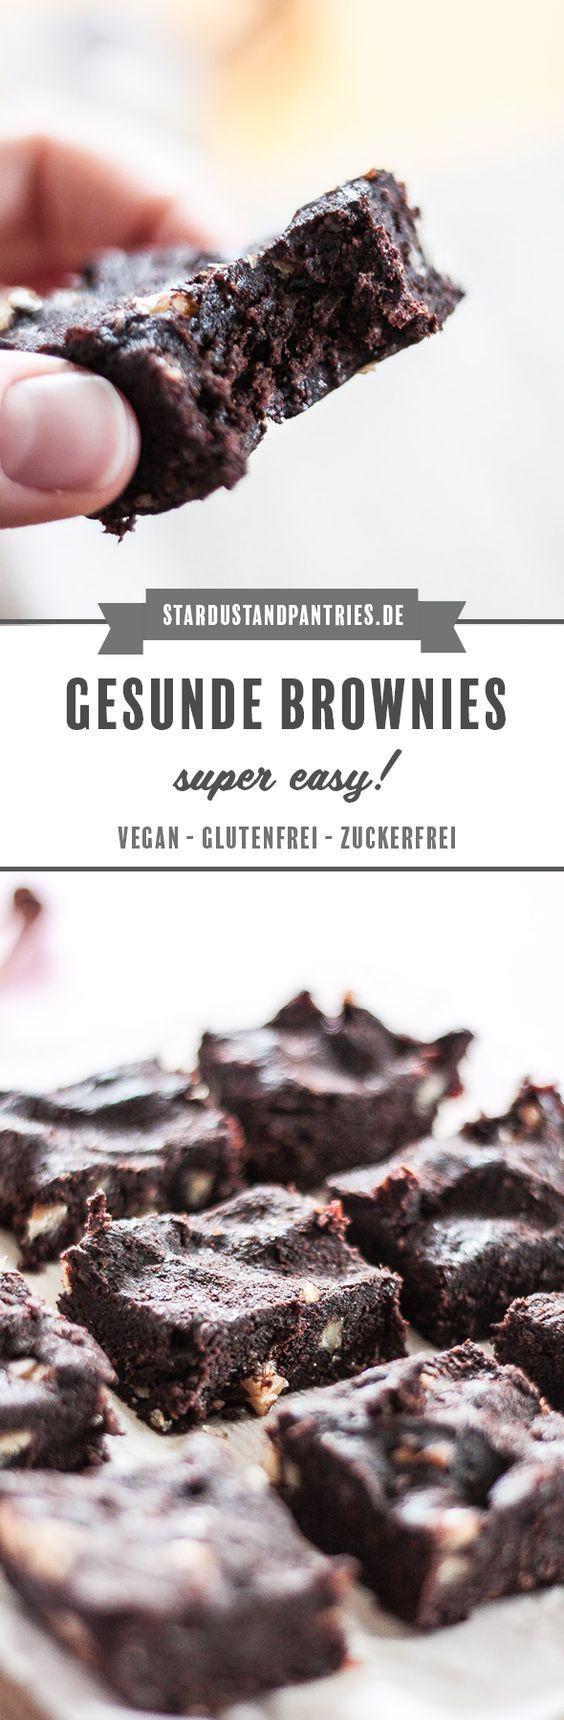 Gesunde Brownies - vegan, zuckerfrei und glutenfrei, ohne Backen - Rezepte -